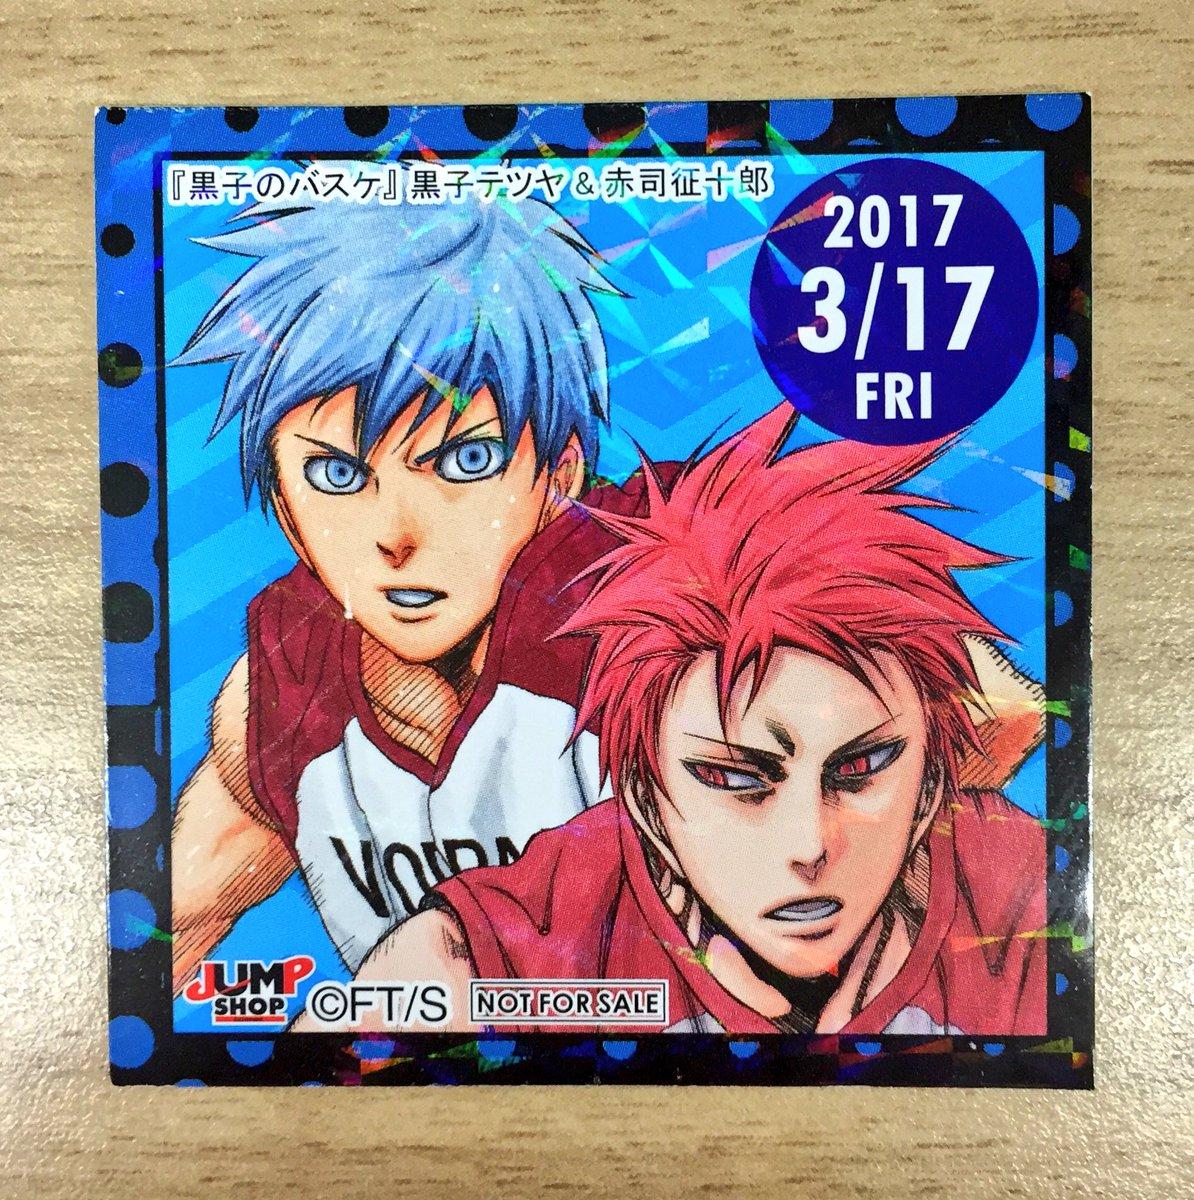 3/17(金)の365日ステッカーのキャラクターは、『黒子のバスケ』黒子テツヤ&赤司征十郎!フェア期間中の365